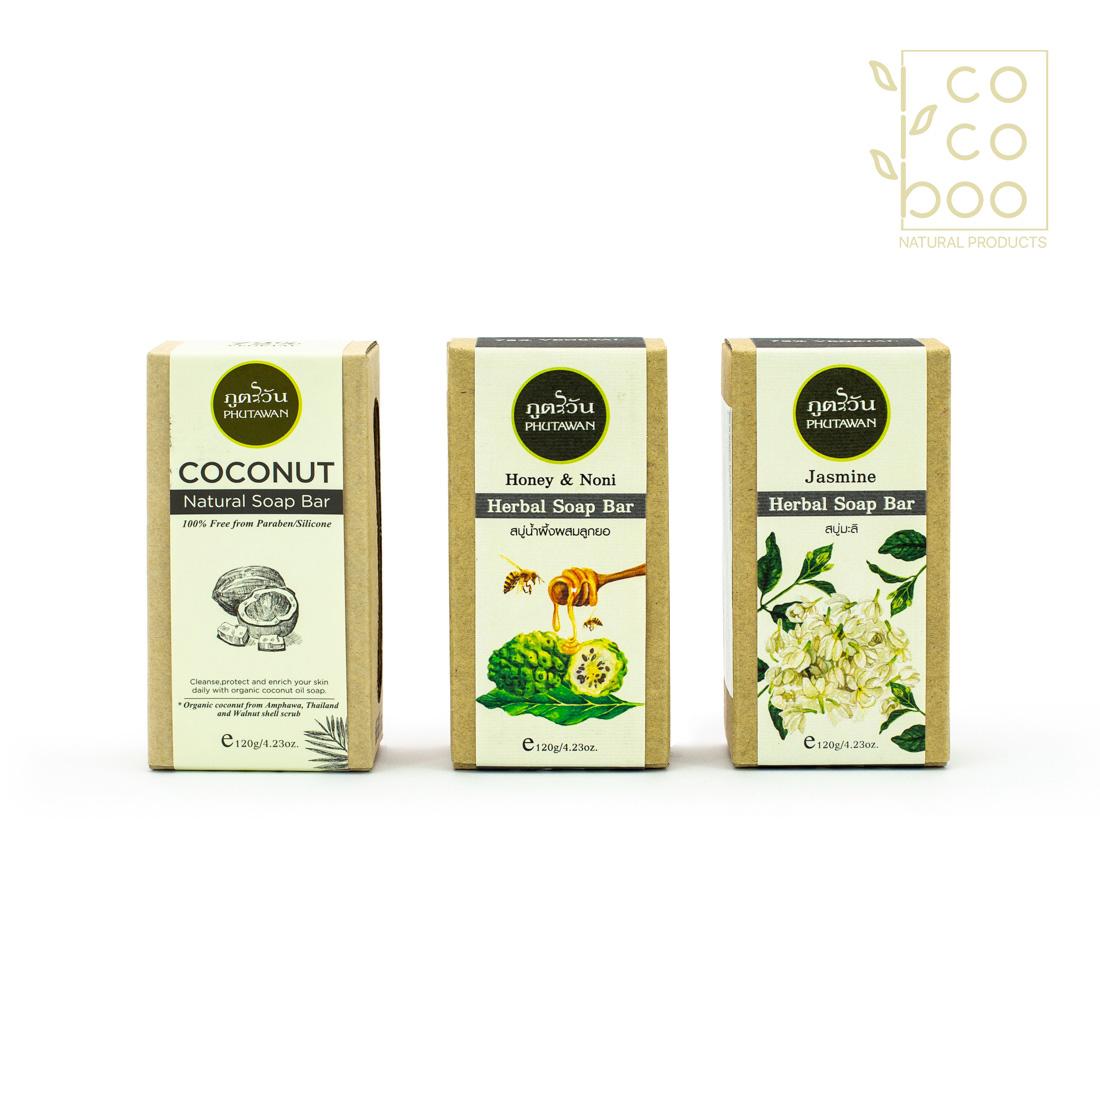 Комплект натурален кокосов сапун, натурален сапун с мед и нони и натурален сапун с екзотичен жасмин